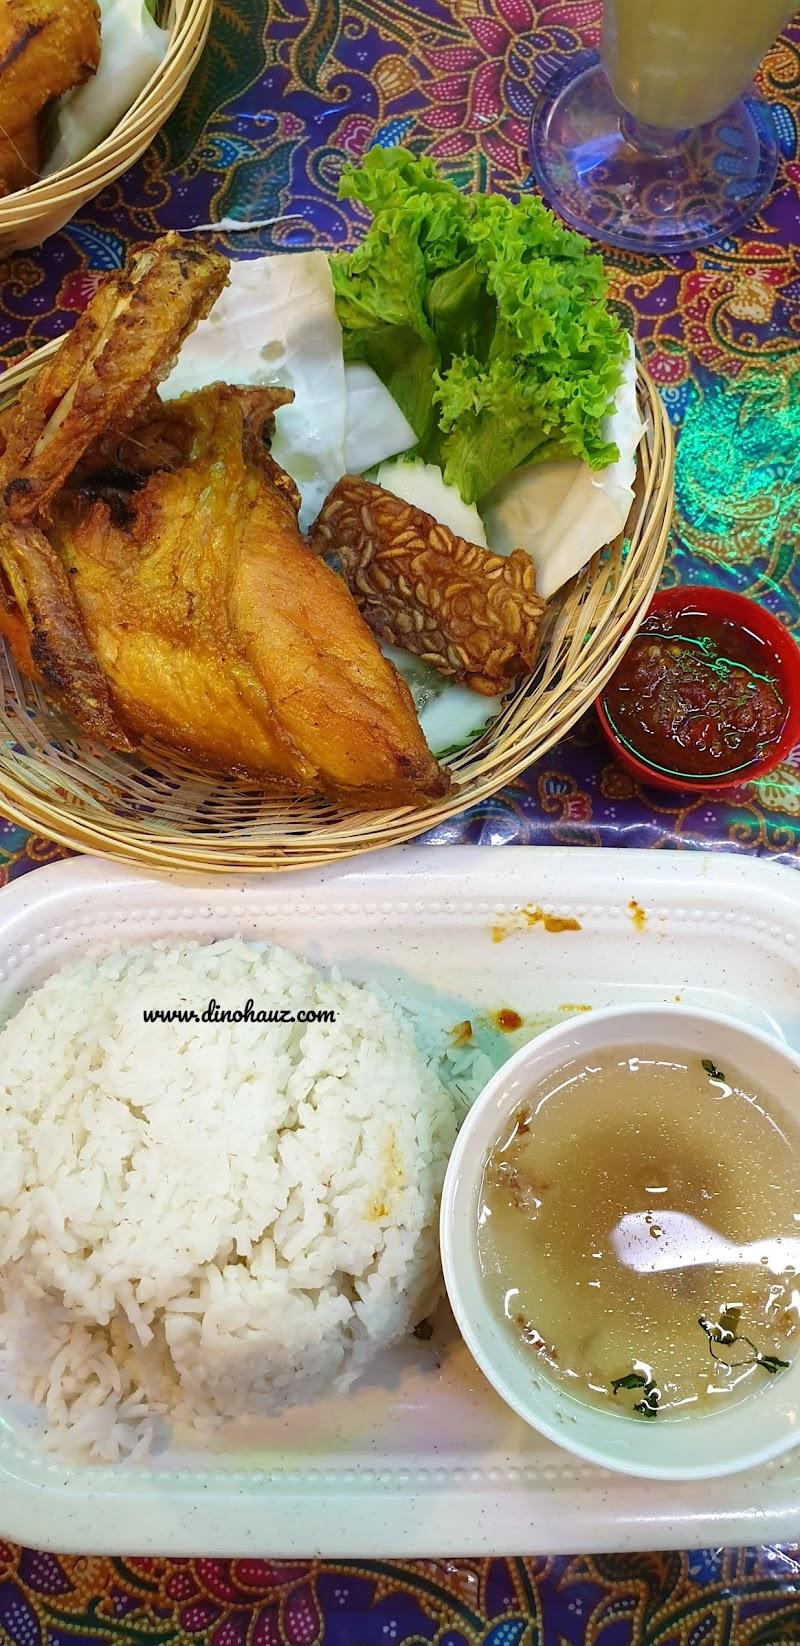 Tempat Makan Sedap di Setapak, Kuala Lumpur 2020: Ayam Geprek, Kampung Station, KL Traders Square